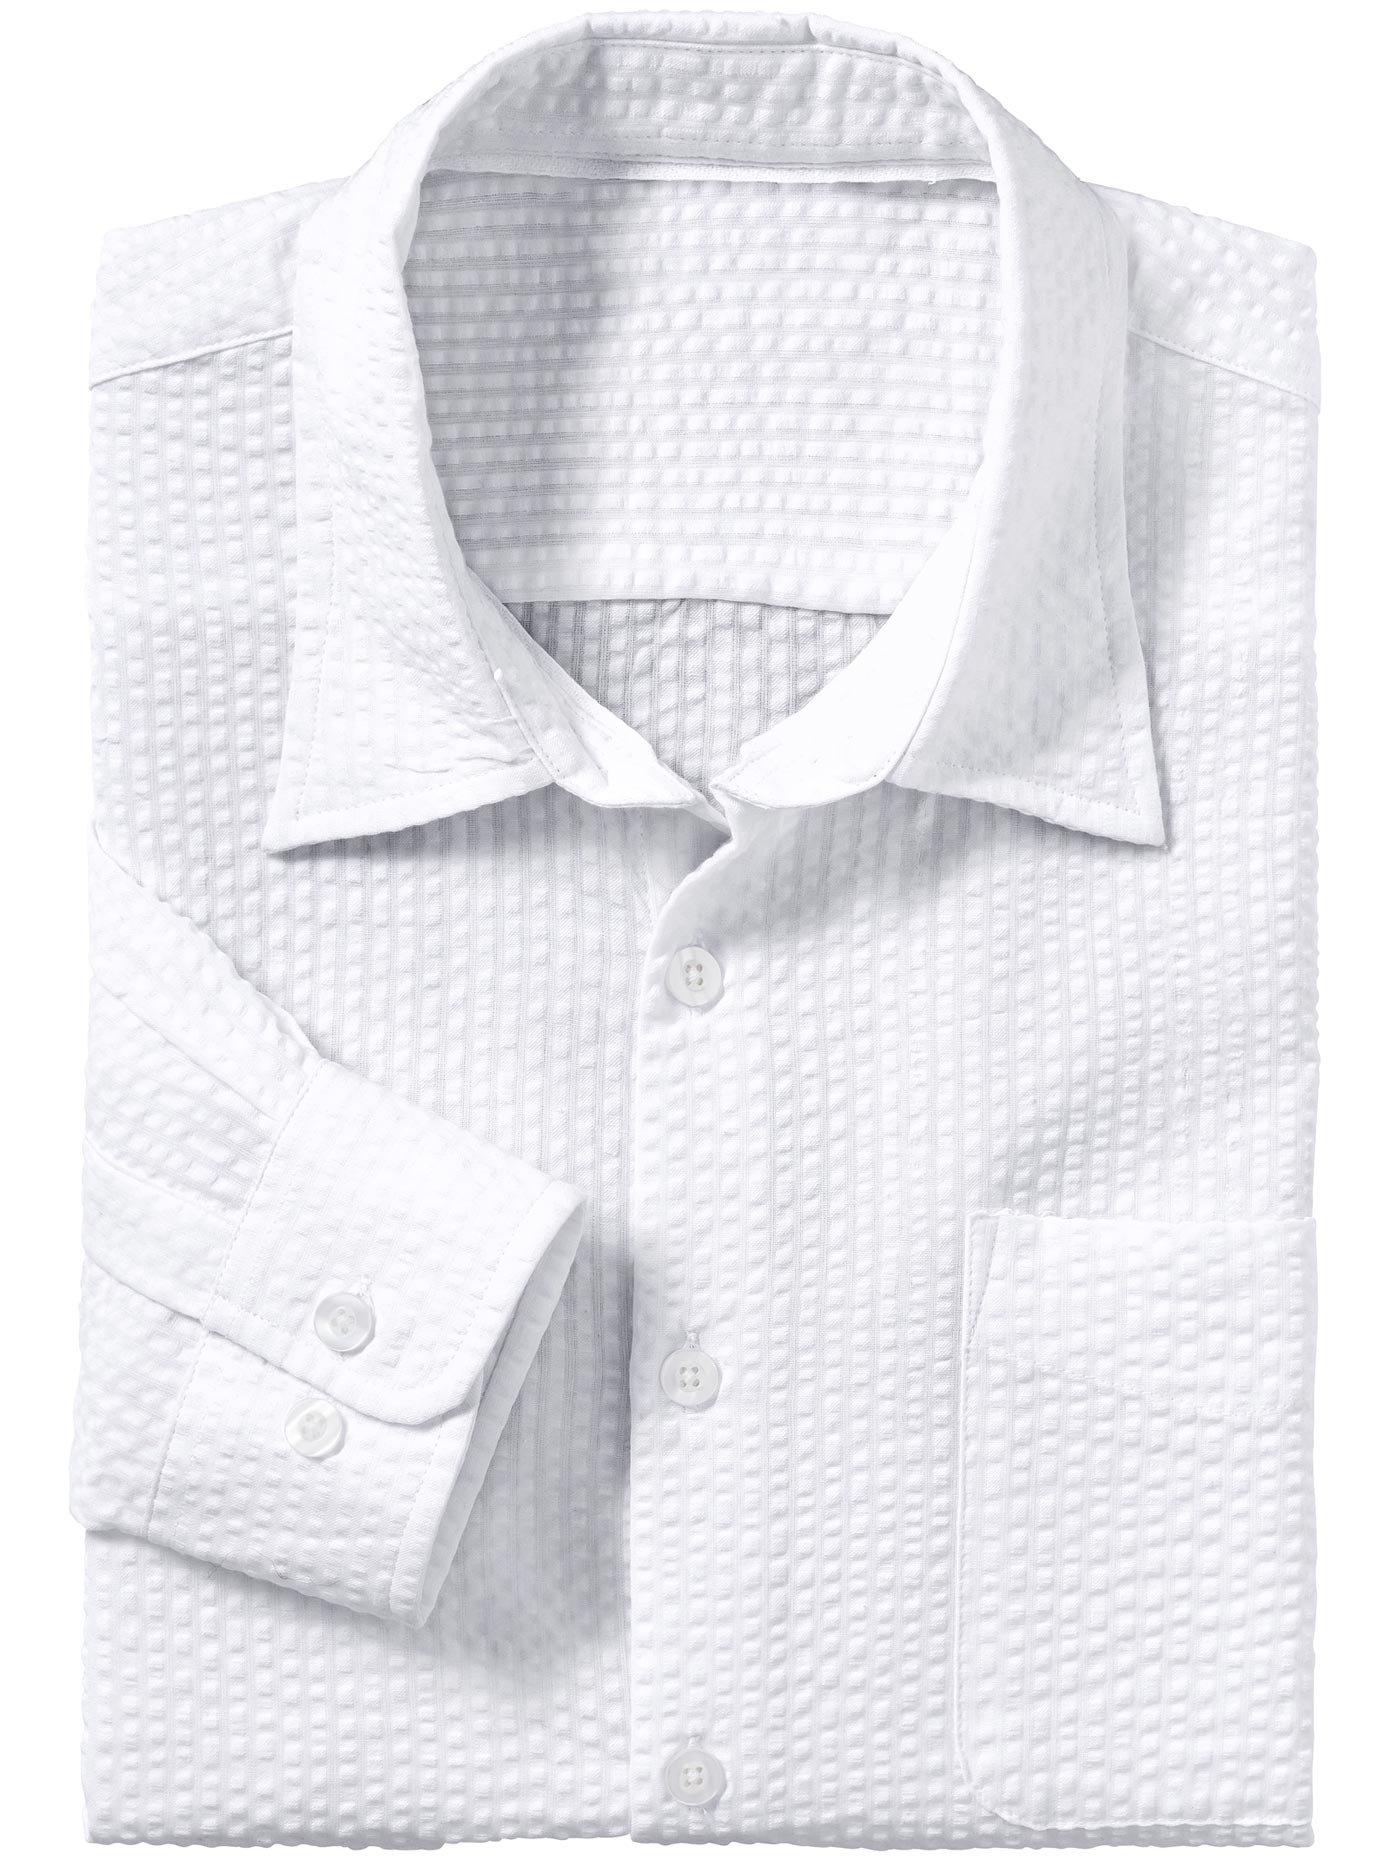 Marco Donati overhemd met lange mouwen nu online bestellen